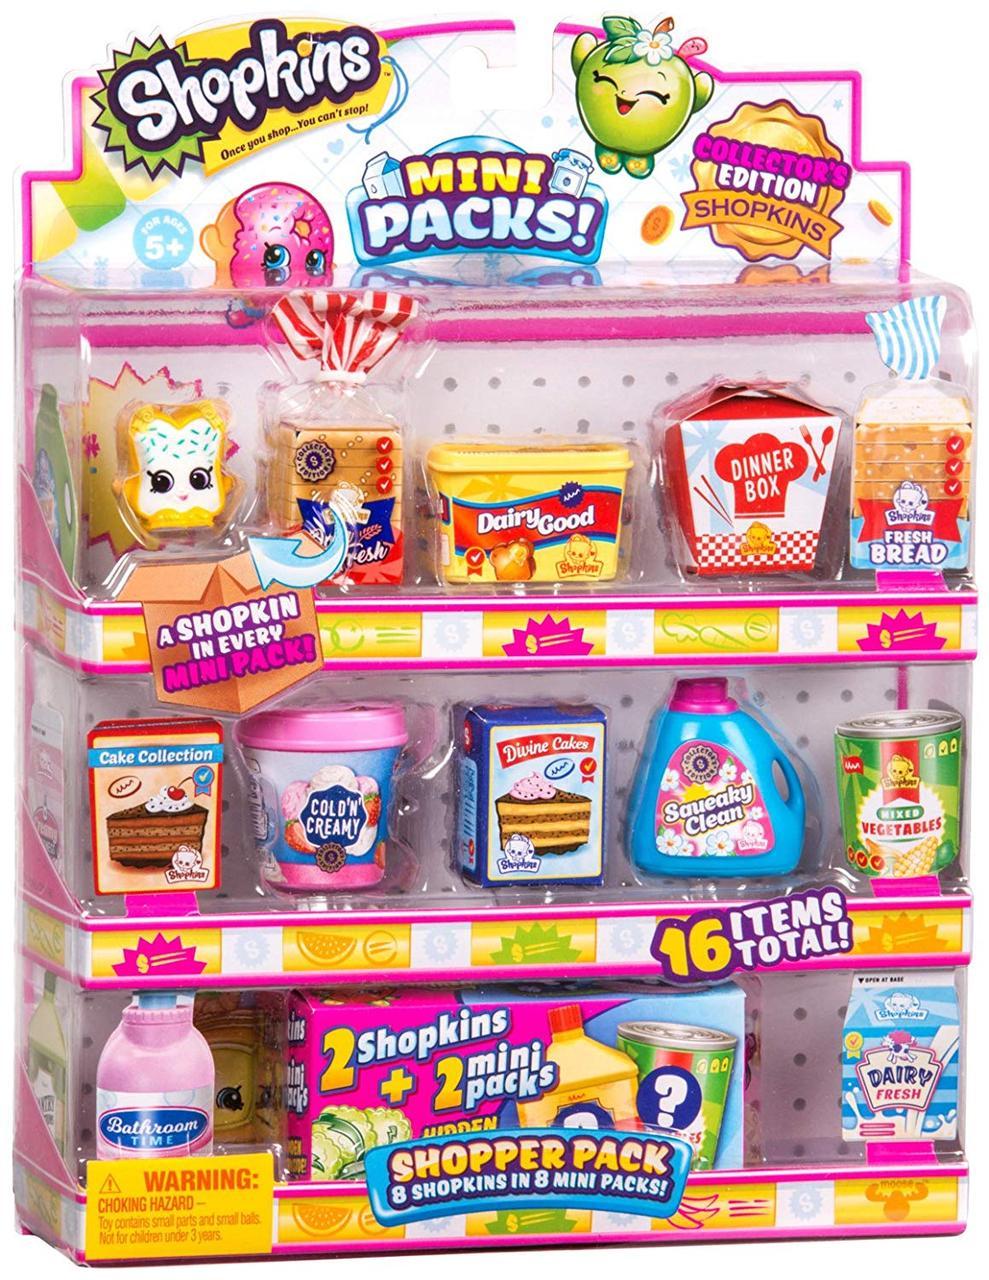 Shopkins Шопкинс Игровой набор Набор покупателя 56751 Shopkins Shopper Pack 10 сезон